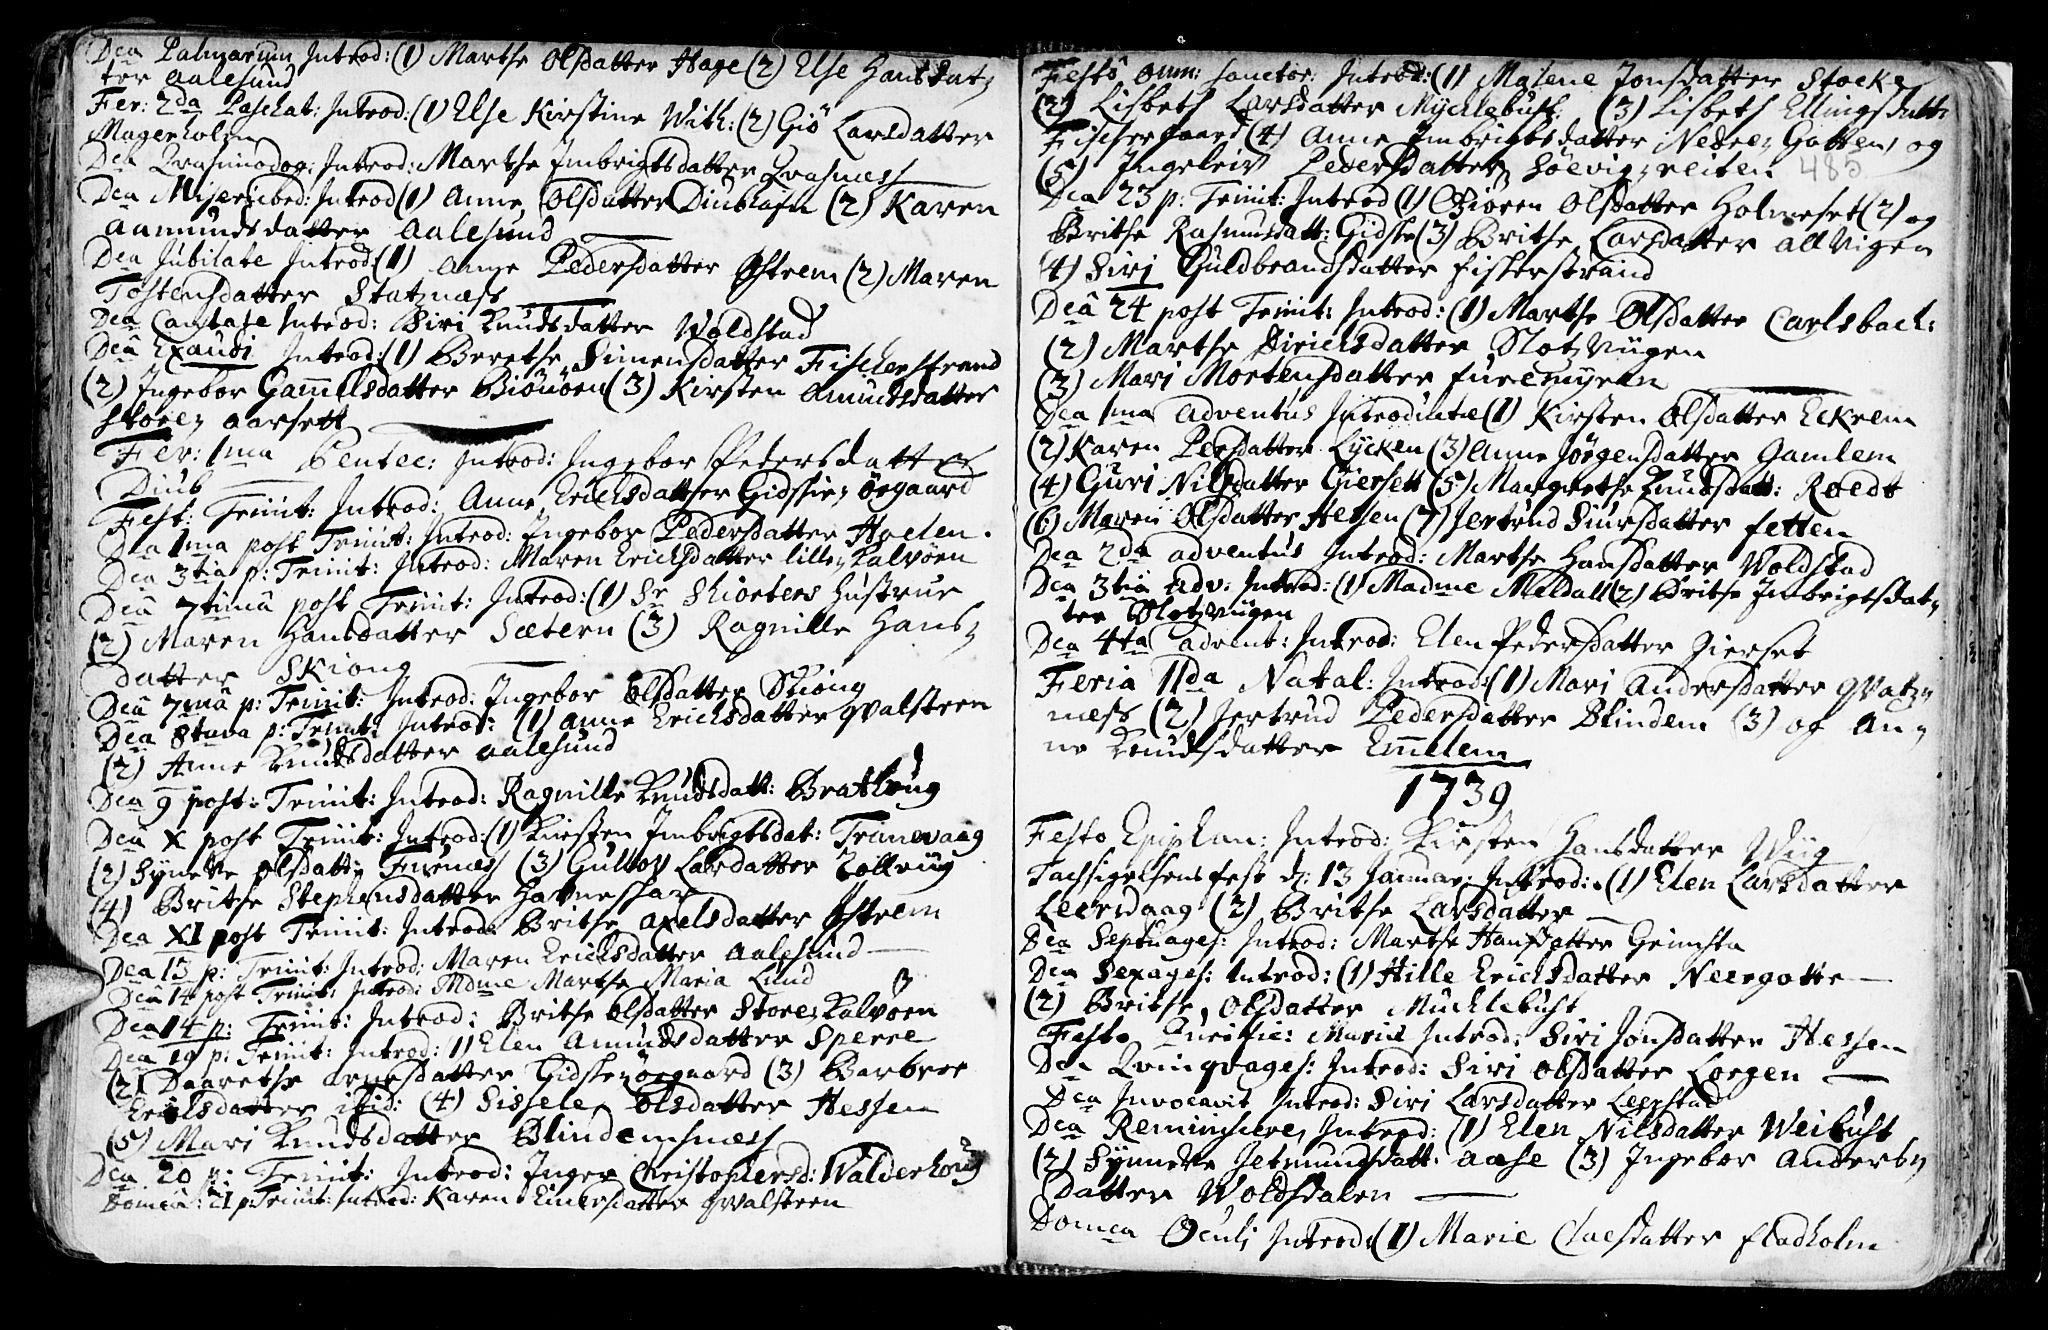 SAT, Ministerialprotokoller, klokkerbøker og fødselsregistre - Møre og Romsdal, 528/L0390: Ministerialbok nr. 528A01, 1698-1739, s. 484-485